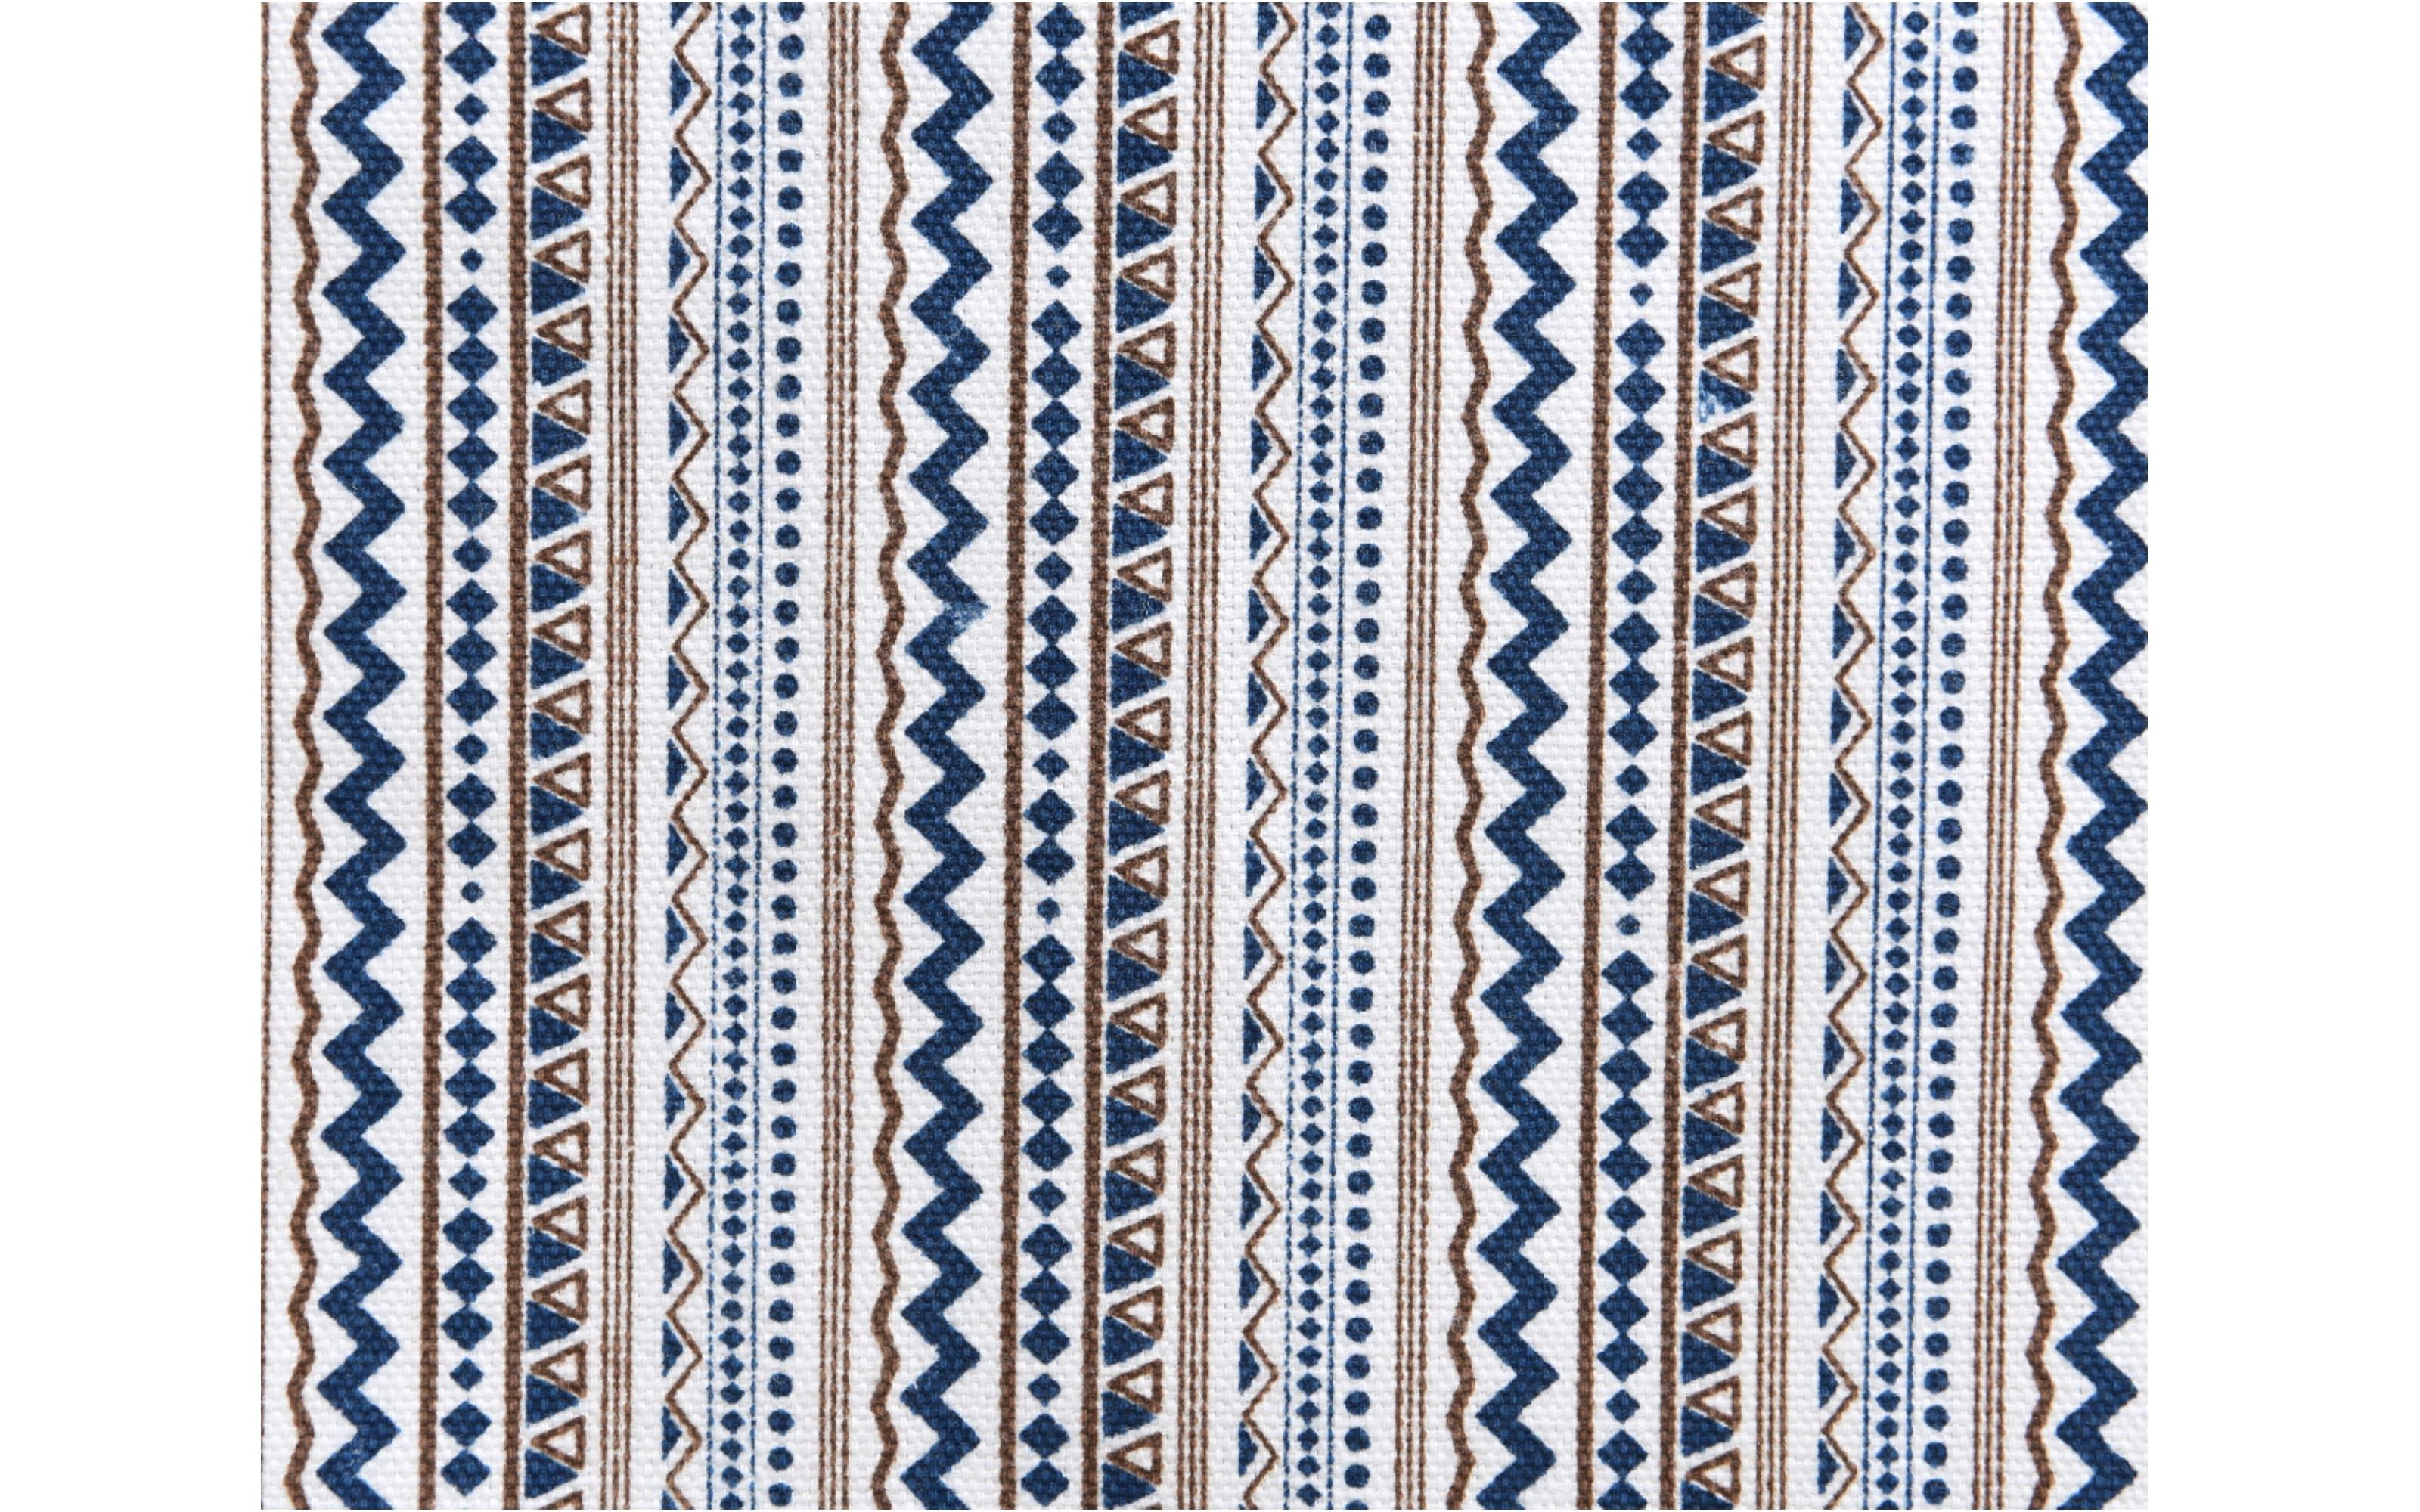 Hängematte in blau, 100 x 200 cm